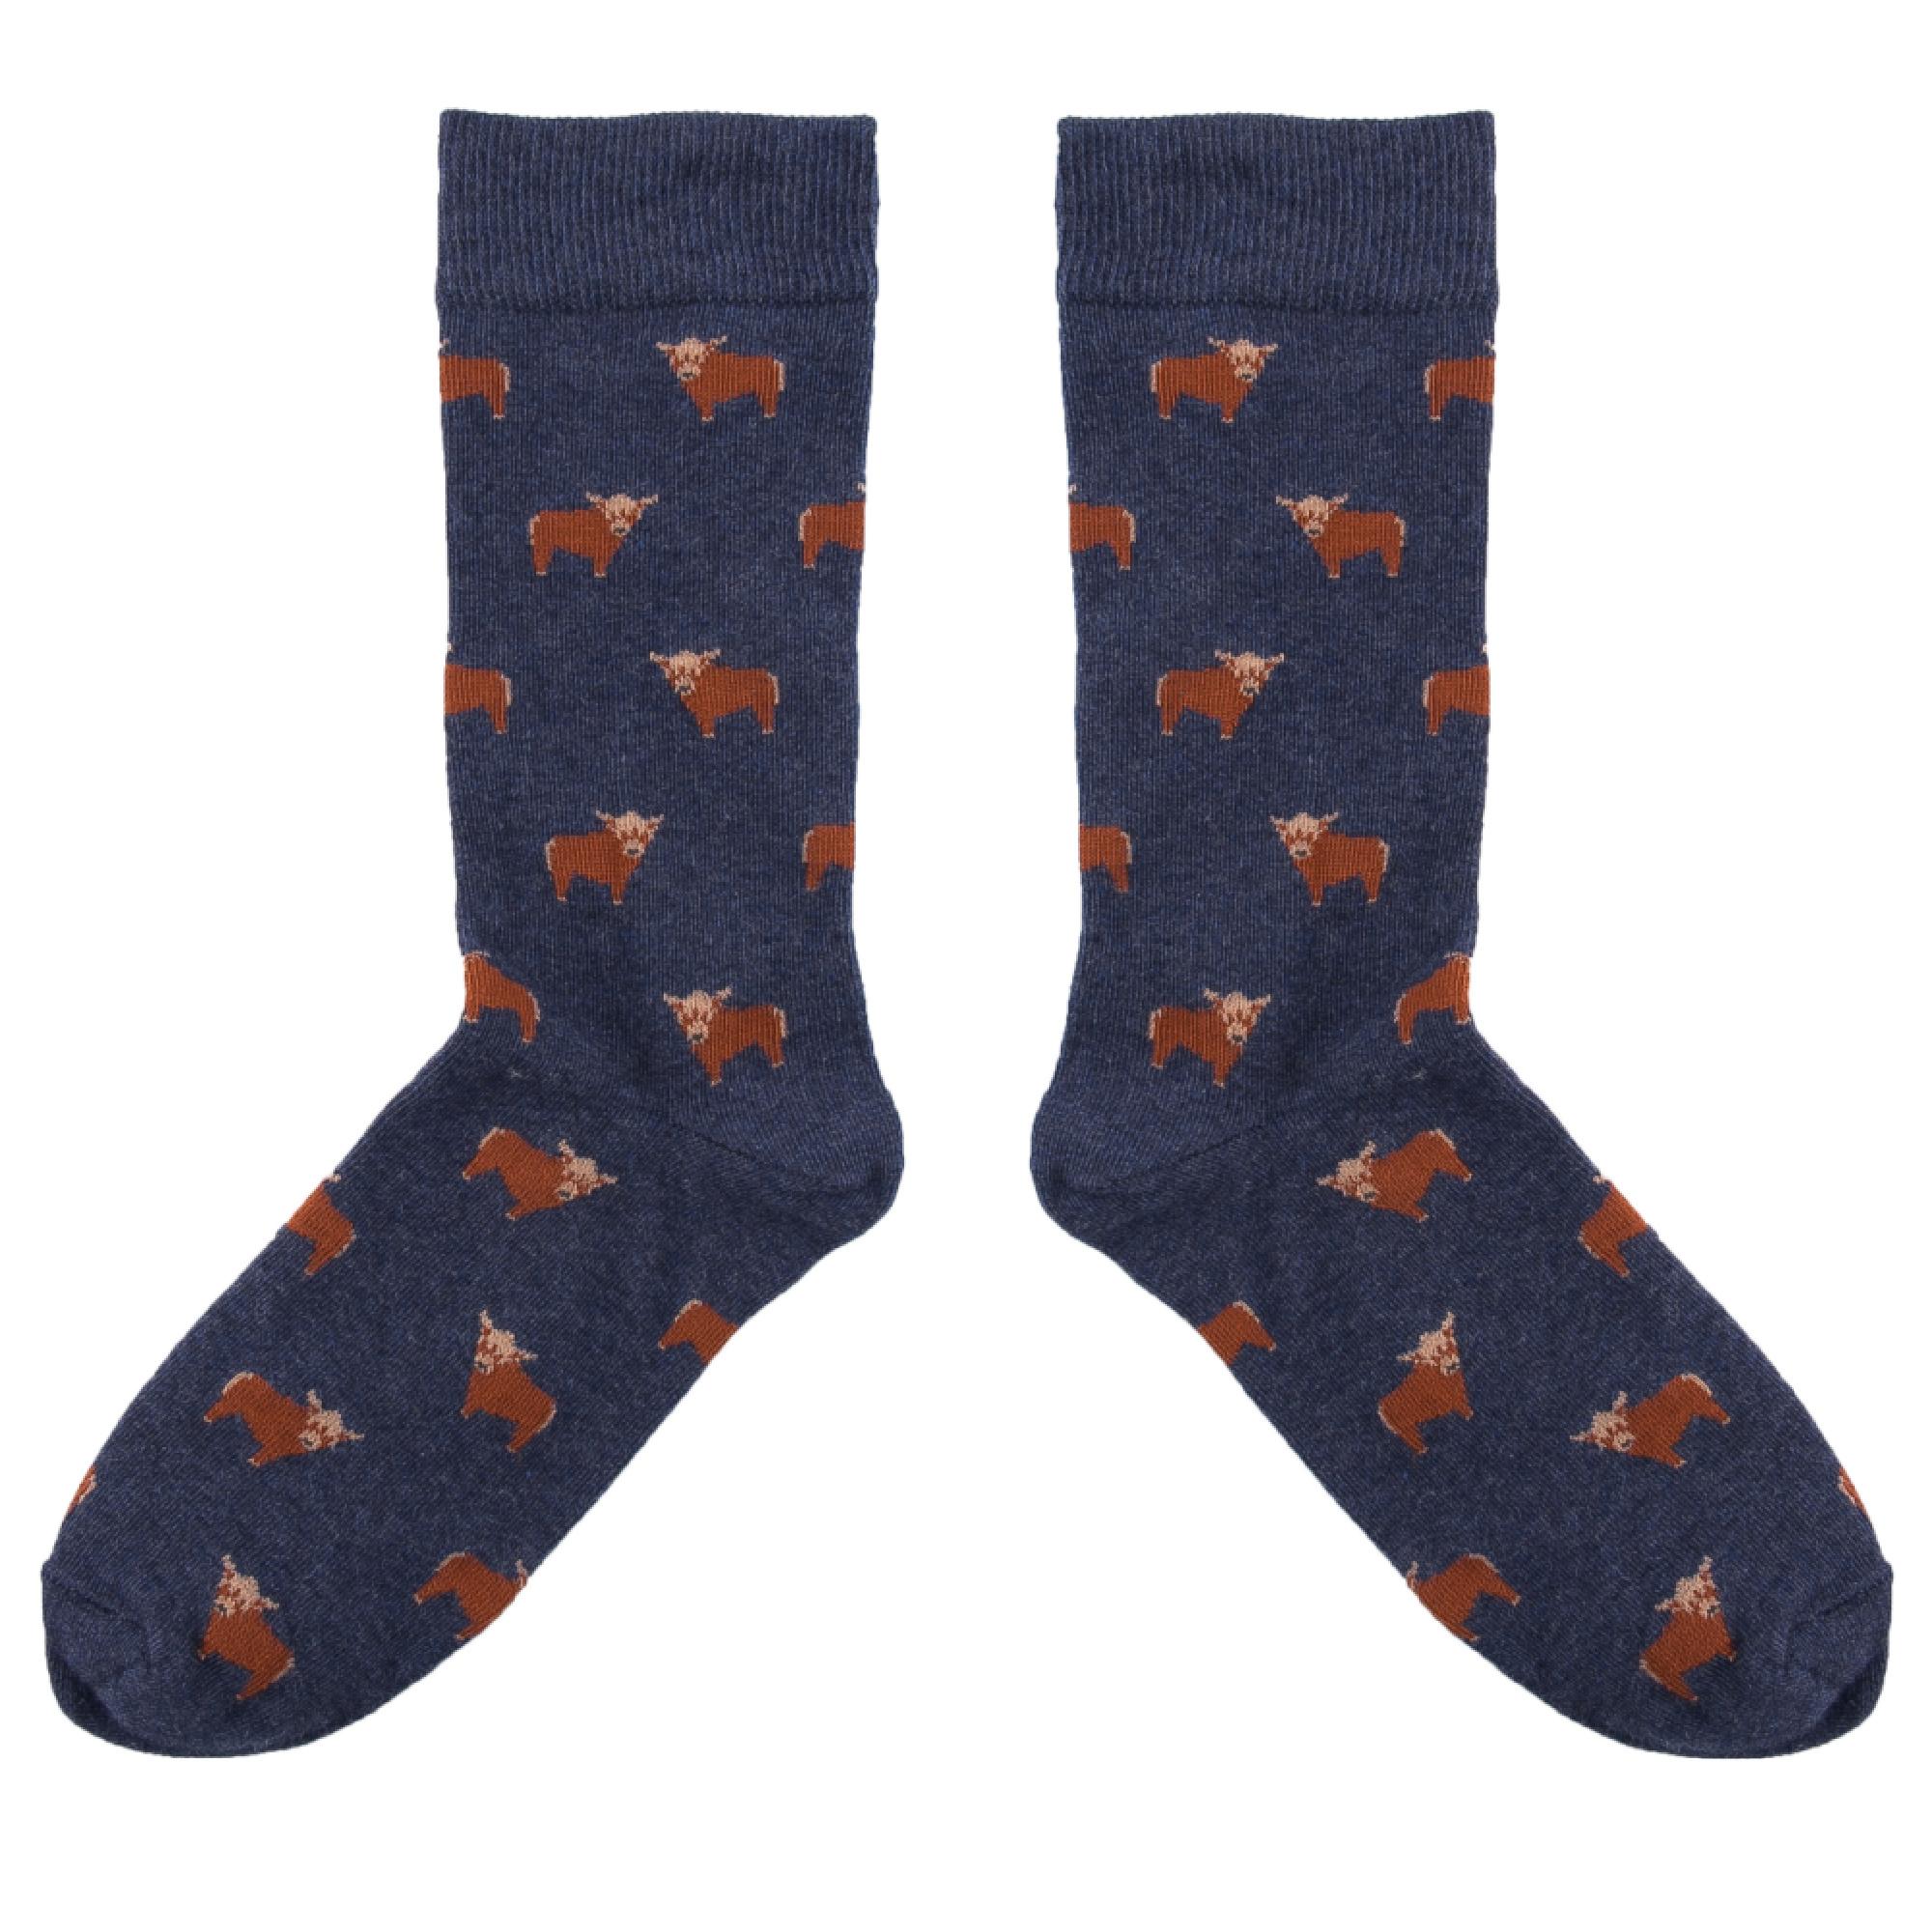 Highland Cow Socks UK 7.5-11.5